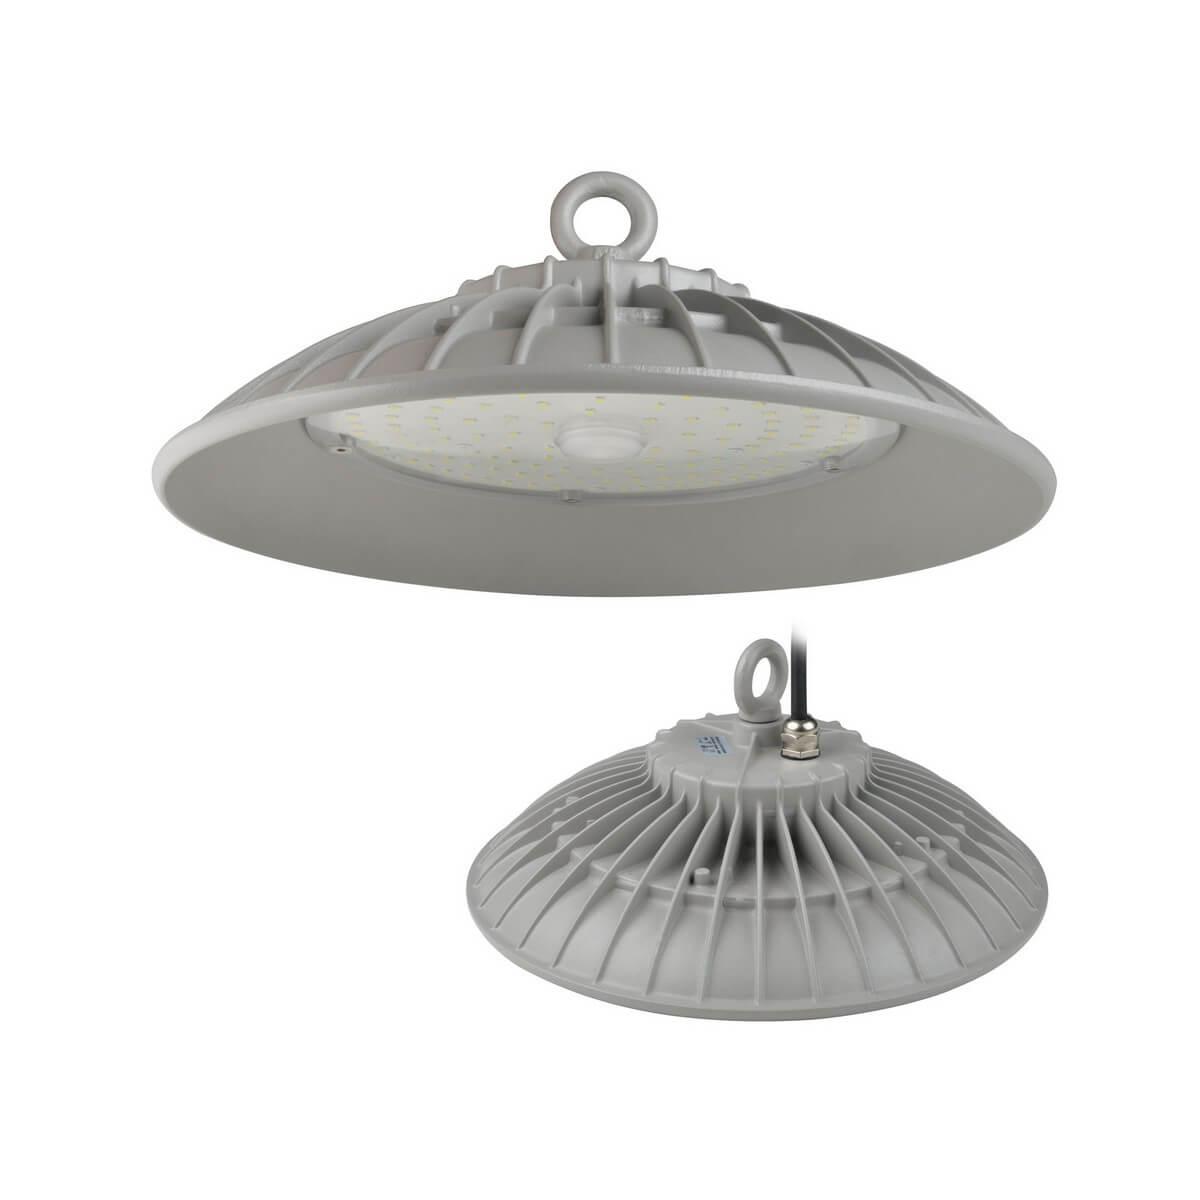 Подвесной светодиодный светильник (UL-00003180) Uniel ULY-U33B-100W/DW IP65 Silver подвесной светодиодный светильник ul 00002057 uniel uly u30b 100w dw ip65 silver